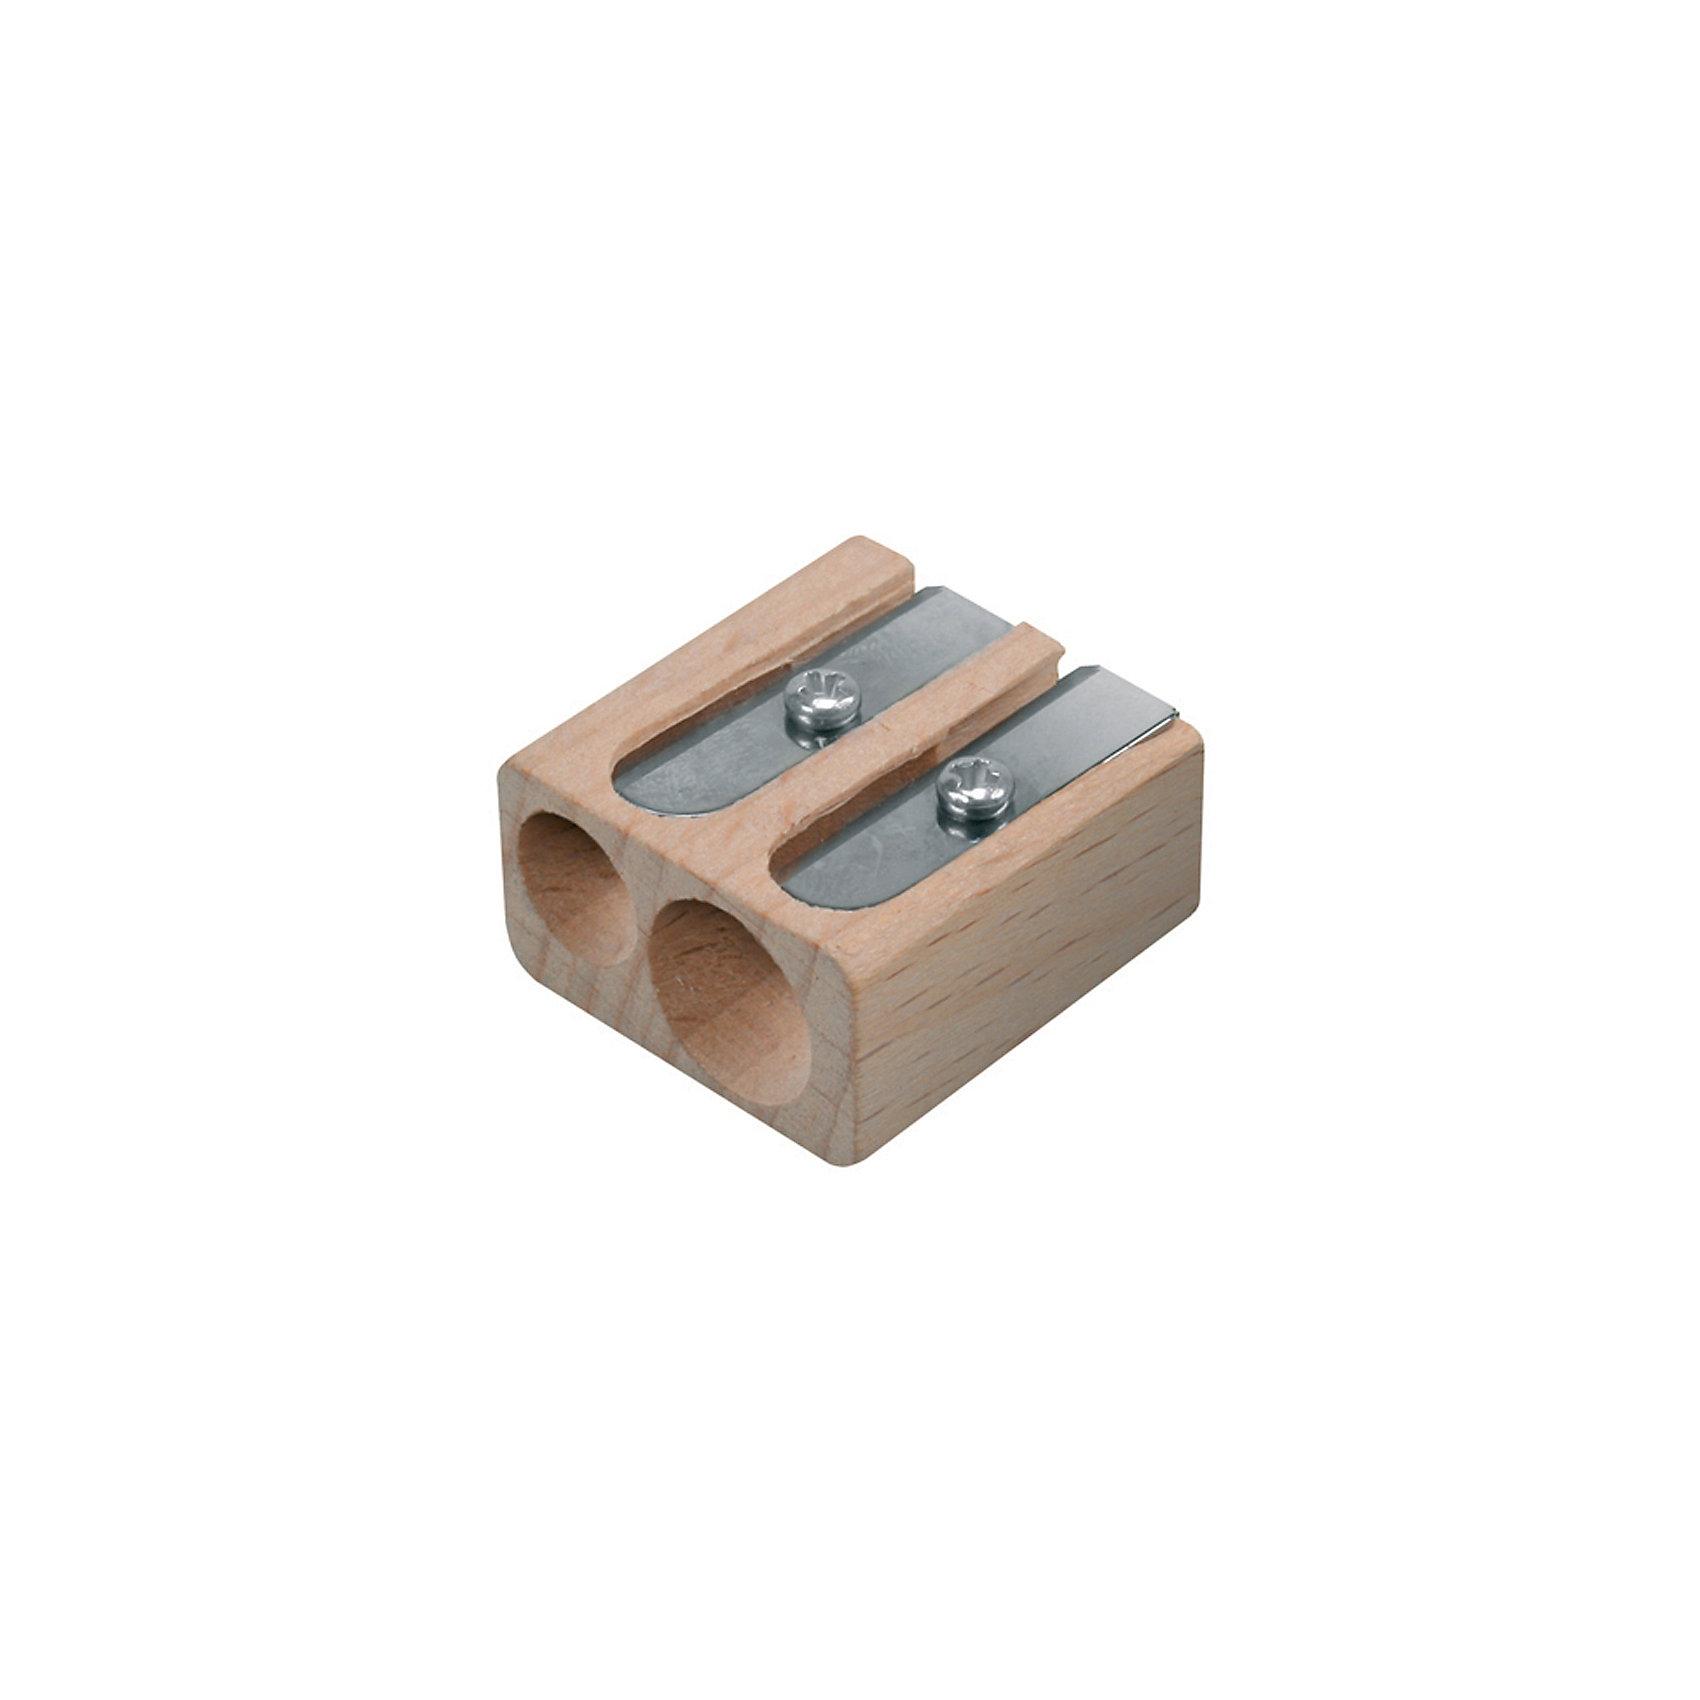 Деревянная точилка с двумя отверстиямиДеревянная точилка с двумя отверстиями<br><br>Характеристики:<br><br>- в набор входит: 1 точилка<br>- состав: дерево, металл <br>- для детей в возрасте: от 4 лет<br>- Страна производитель: Китай<br><br>Классическая деревянная точилка с двумя отверстиями станет незаменимым помощником в пенале ребенка. Карандаши со стандартным диаметром затачиваются остро, а большие цветные карандаши с более мягким грифелем затачиваются более бережно. Легкий деревянный корпус не будет утяжелять пенал. Надежные лезвия остаются острыми долгое время и отлично затачивают даже карандаши в пластиковом корпусе. <br><br>Деревянная точилку с двумя отверстиями можно купить в нашем интернет-магазине.<br><br>Ширина мм: 30<br>Глубина мм: 20<br>Высота мм: 40<br>Вес г: 25<br>Возраст от месяцев: 36<br>Возраст до месяцев: 84<br>Пол: Унисекс<br>Возраст: Детский<br>SKU: 5124962